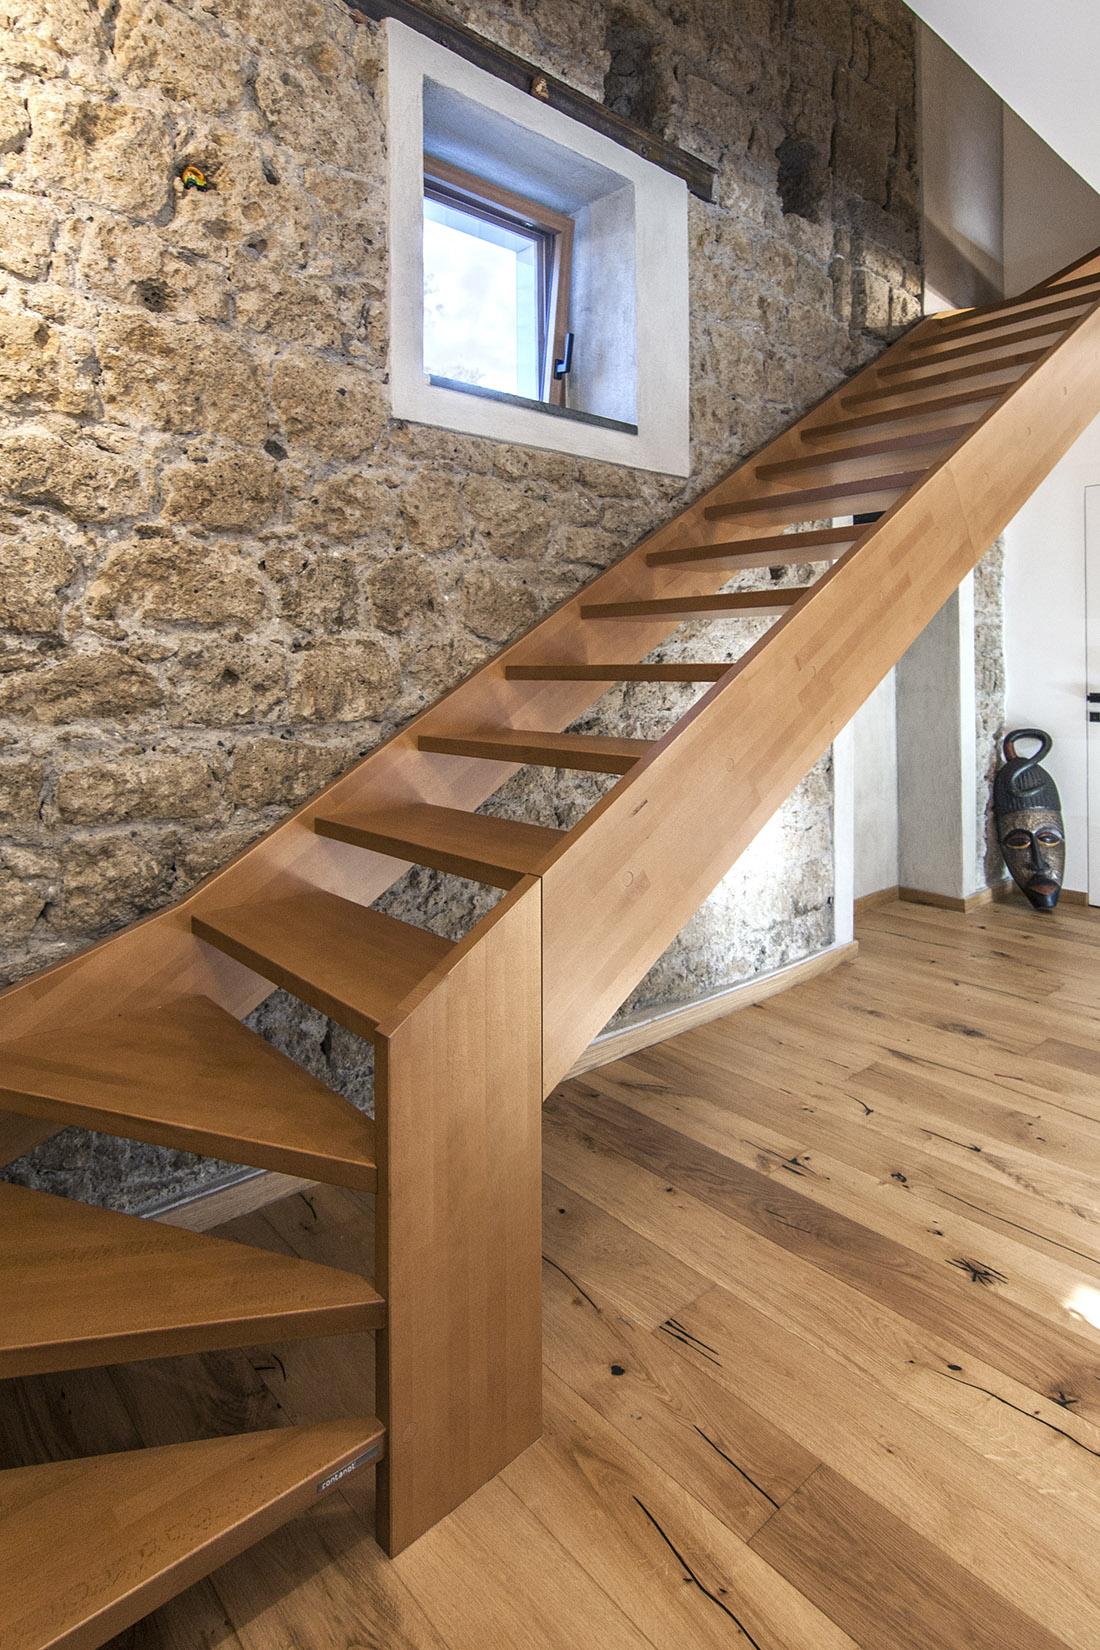 casa-tao-napoli-tufo-a-vista-recupero-moderno-pucciarelli-architetti-scala-soggiorno-4